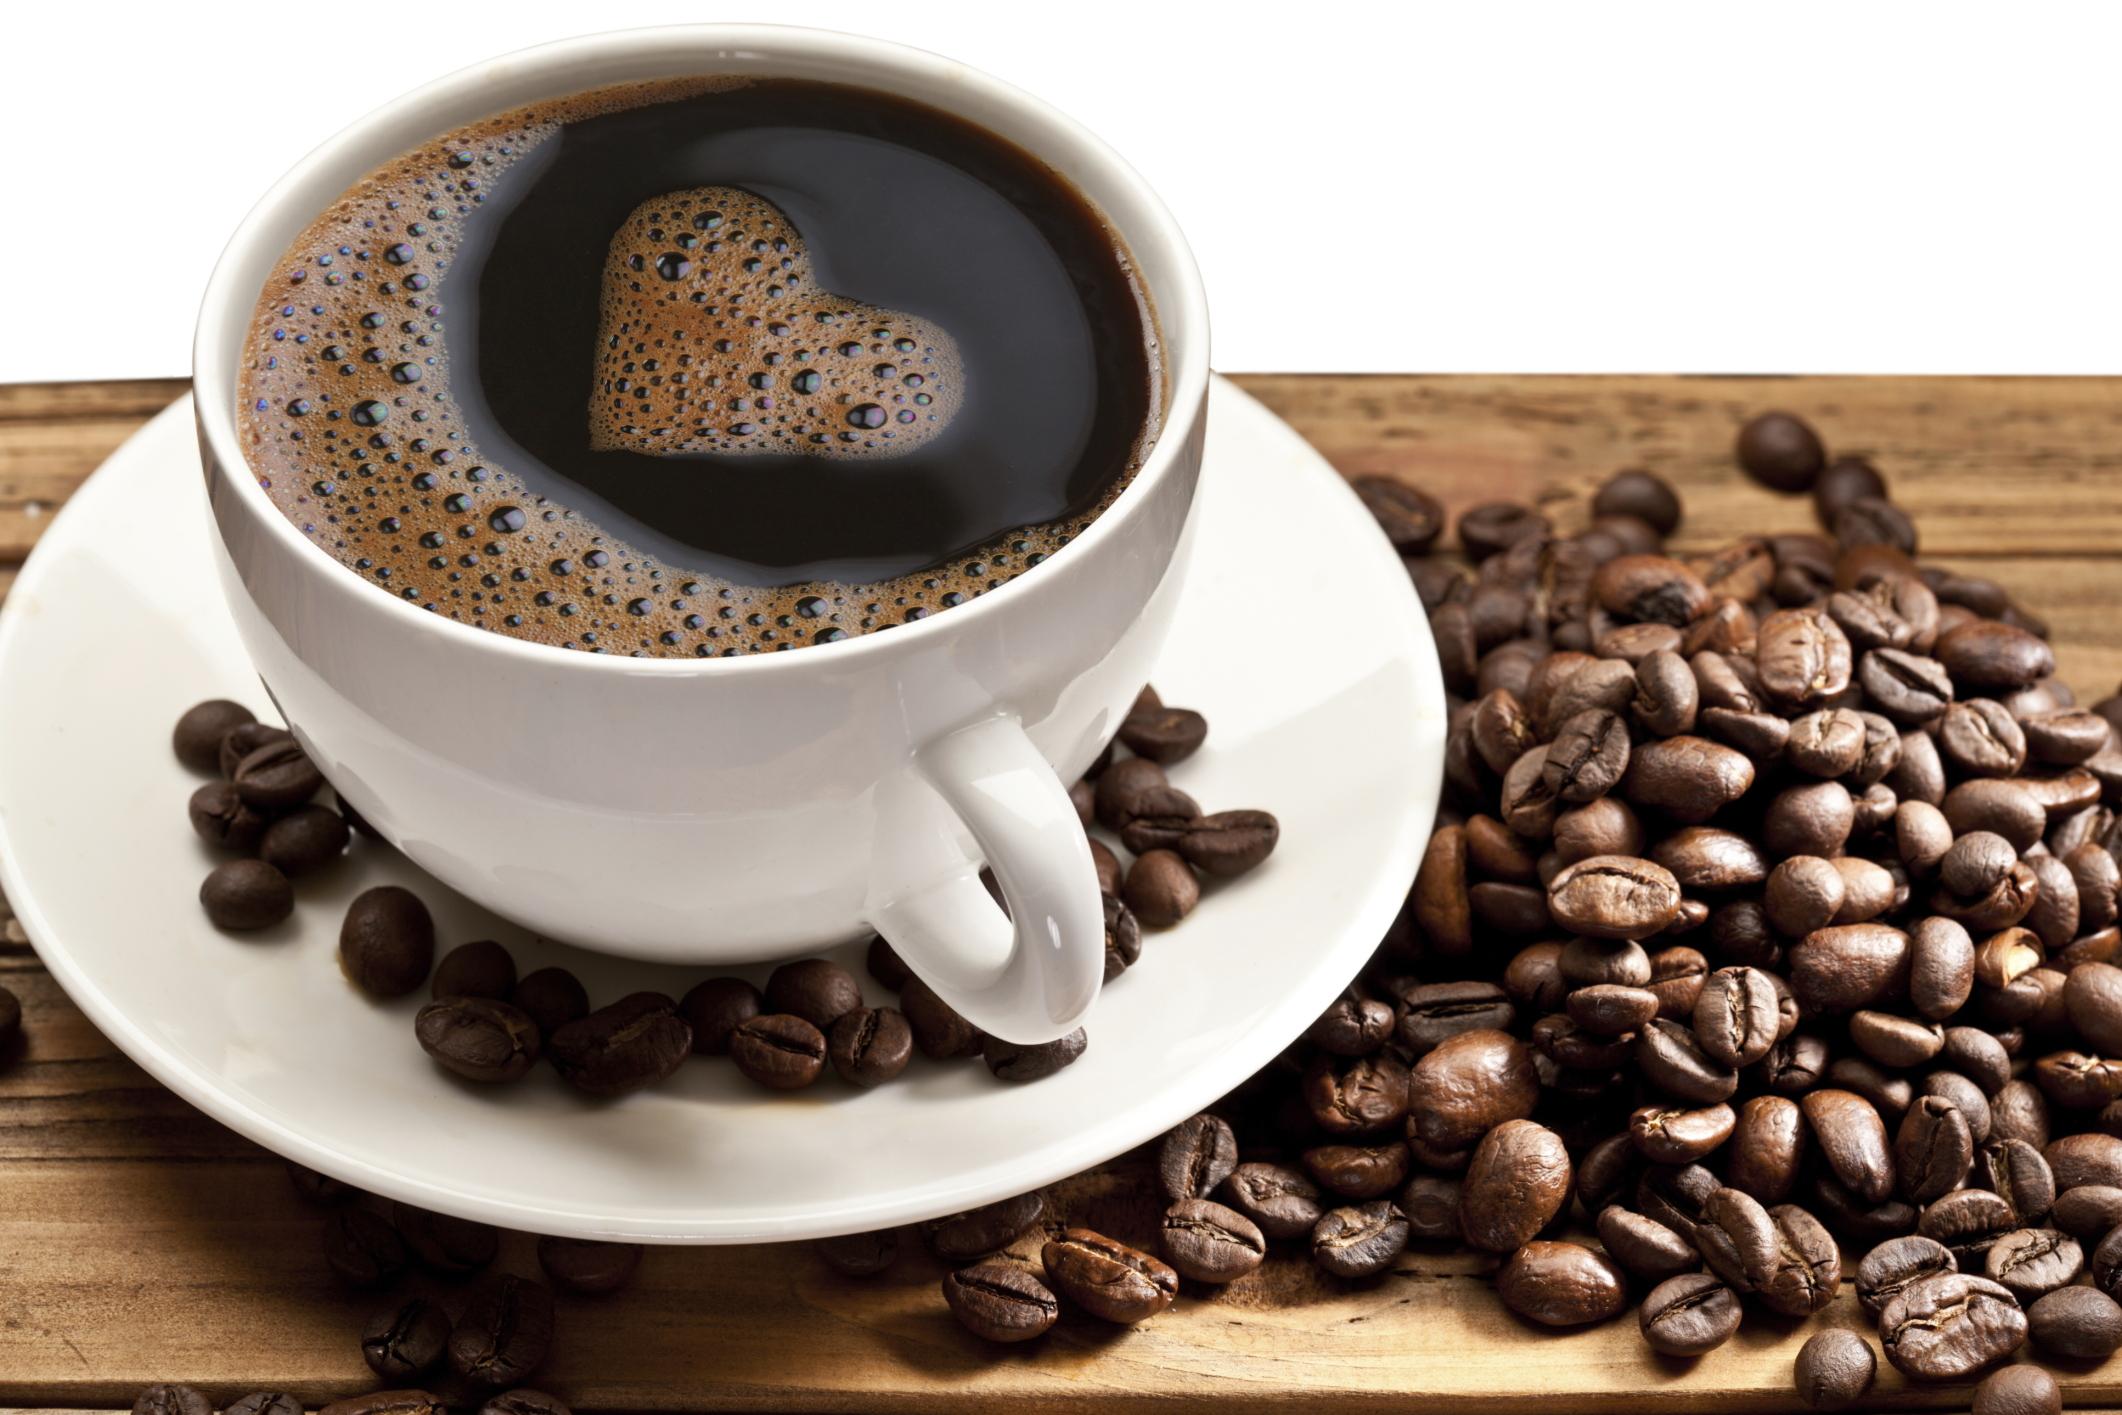 Сбор заказов. Кофеско - рай для кофейных гурманов!Огромный выбор!Обжарка под заказ!Возможен помол от производителя